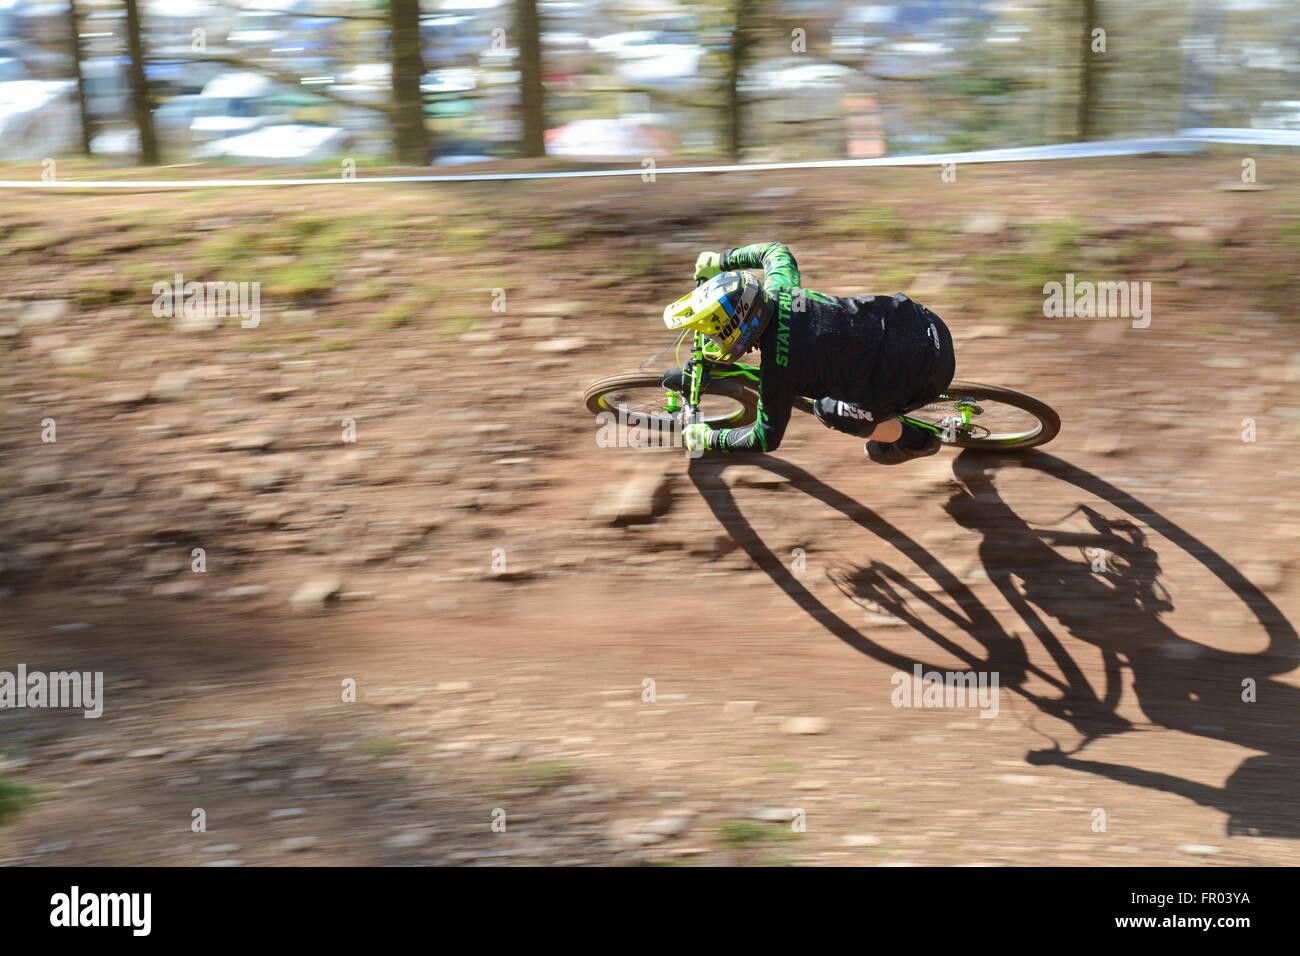 Æ Forêt, Dumfries, Ecosse - 20 mars 2016: UK - un rider a terminé sa première course dans Photo Stock